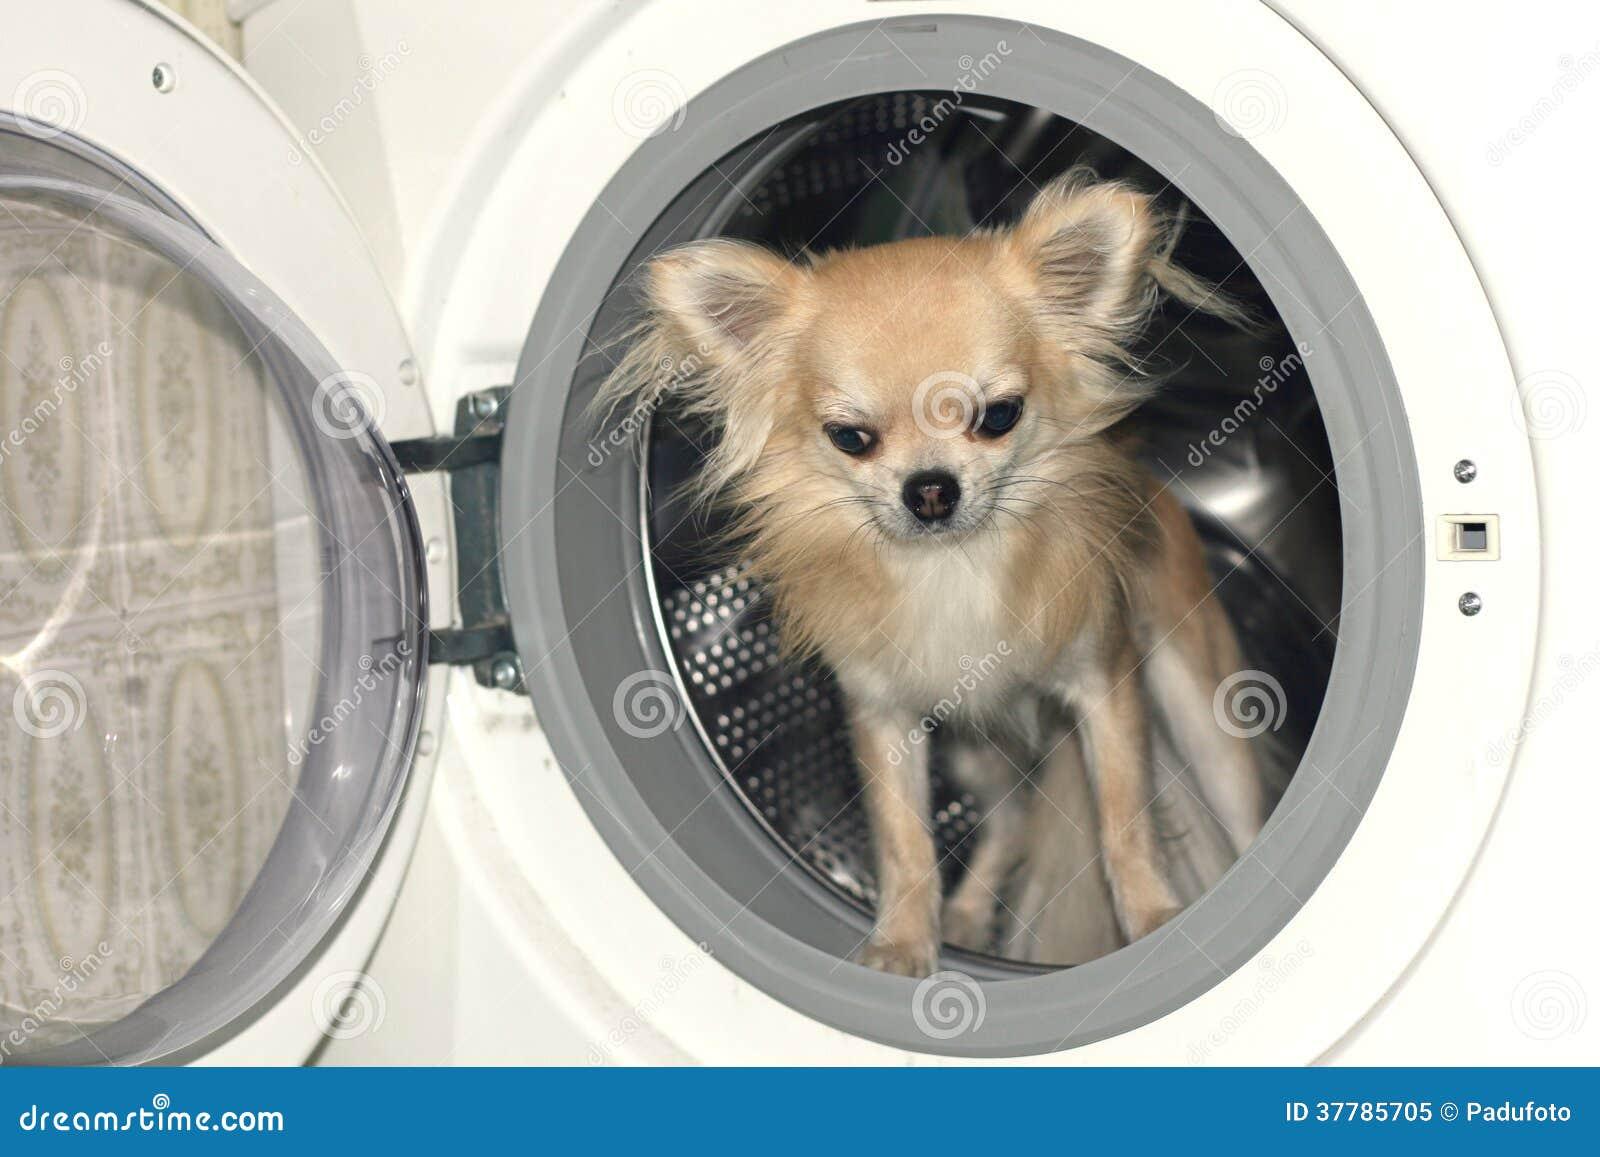 ein hund in der waschmaschine stockbild bild 37785705. Black Bedroom Furniture Sets. Home Design Ideas